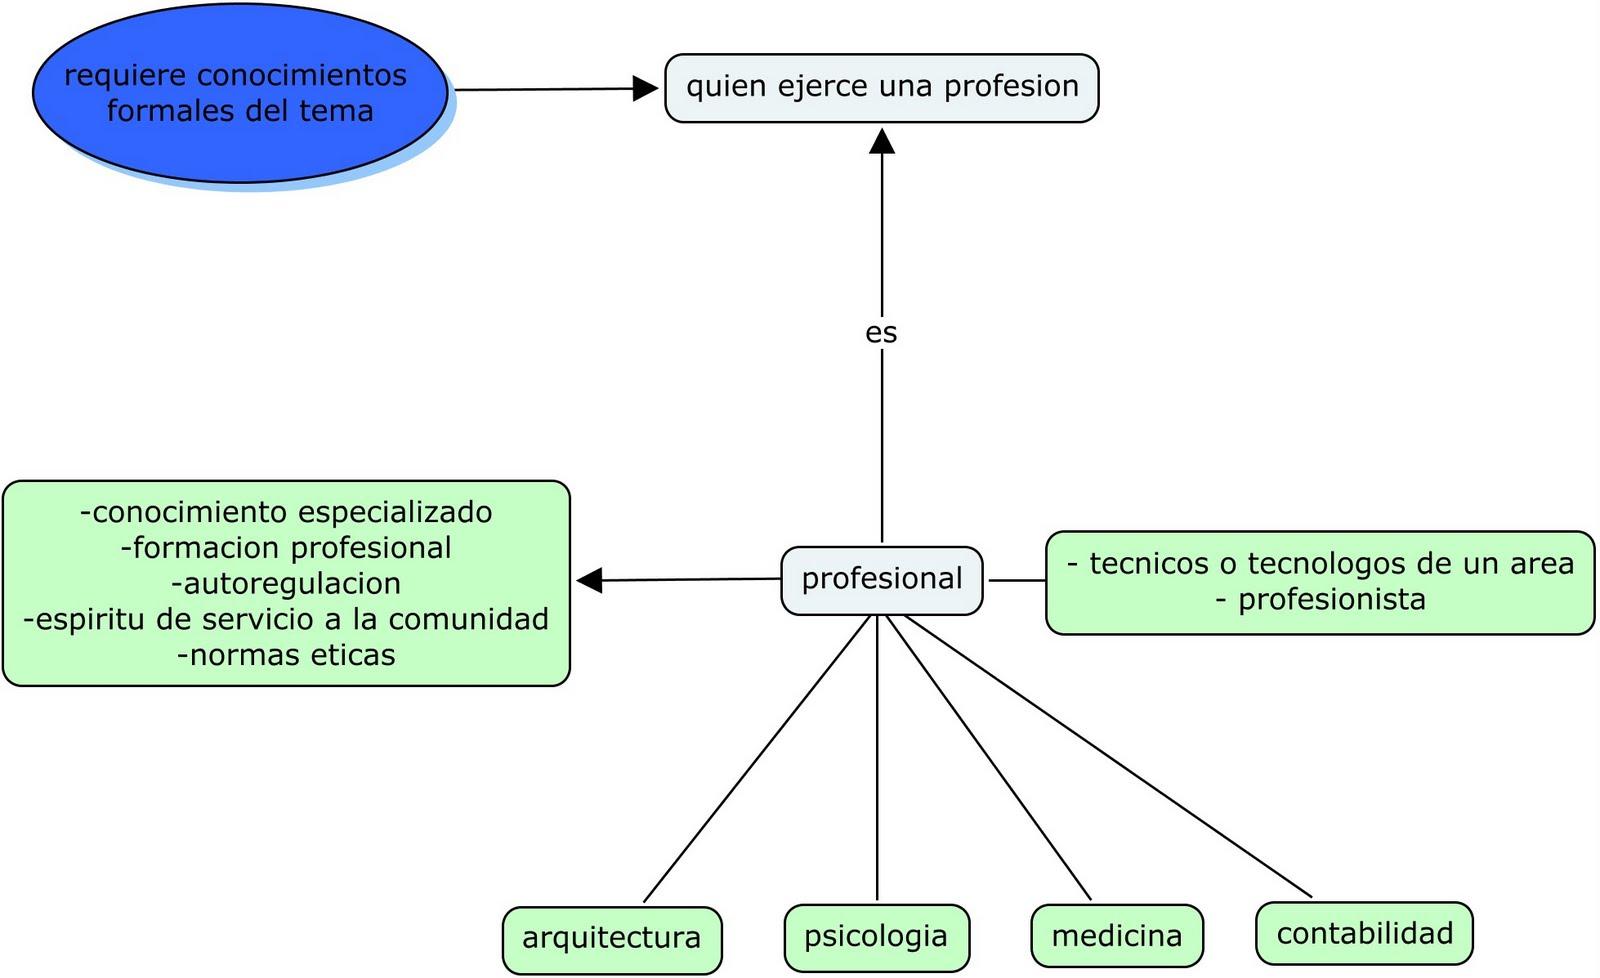 el concepto y objetivo de enfermeria: